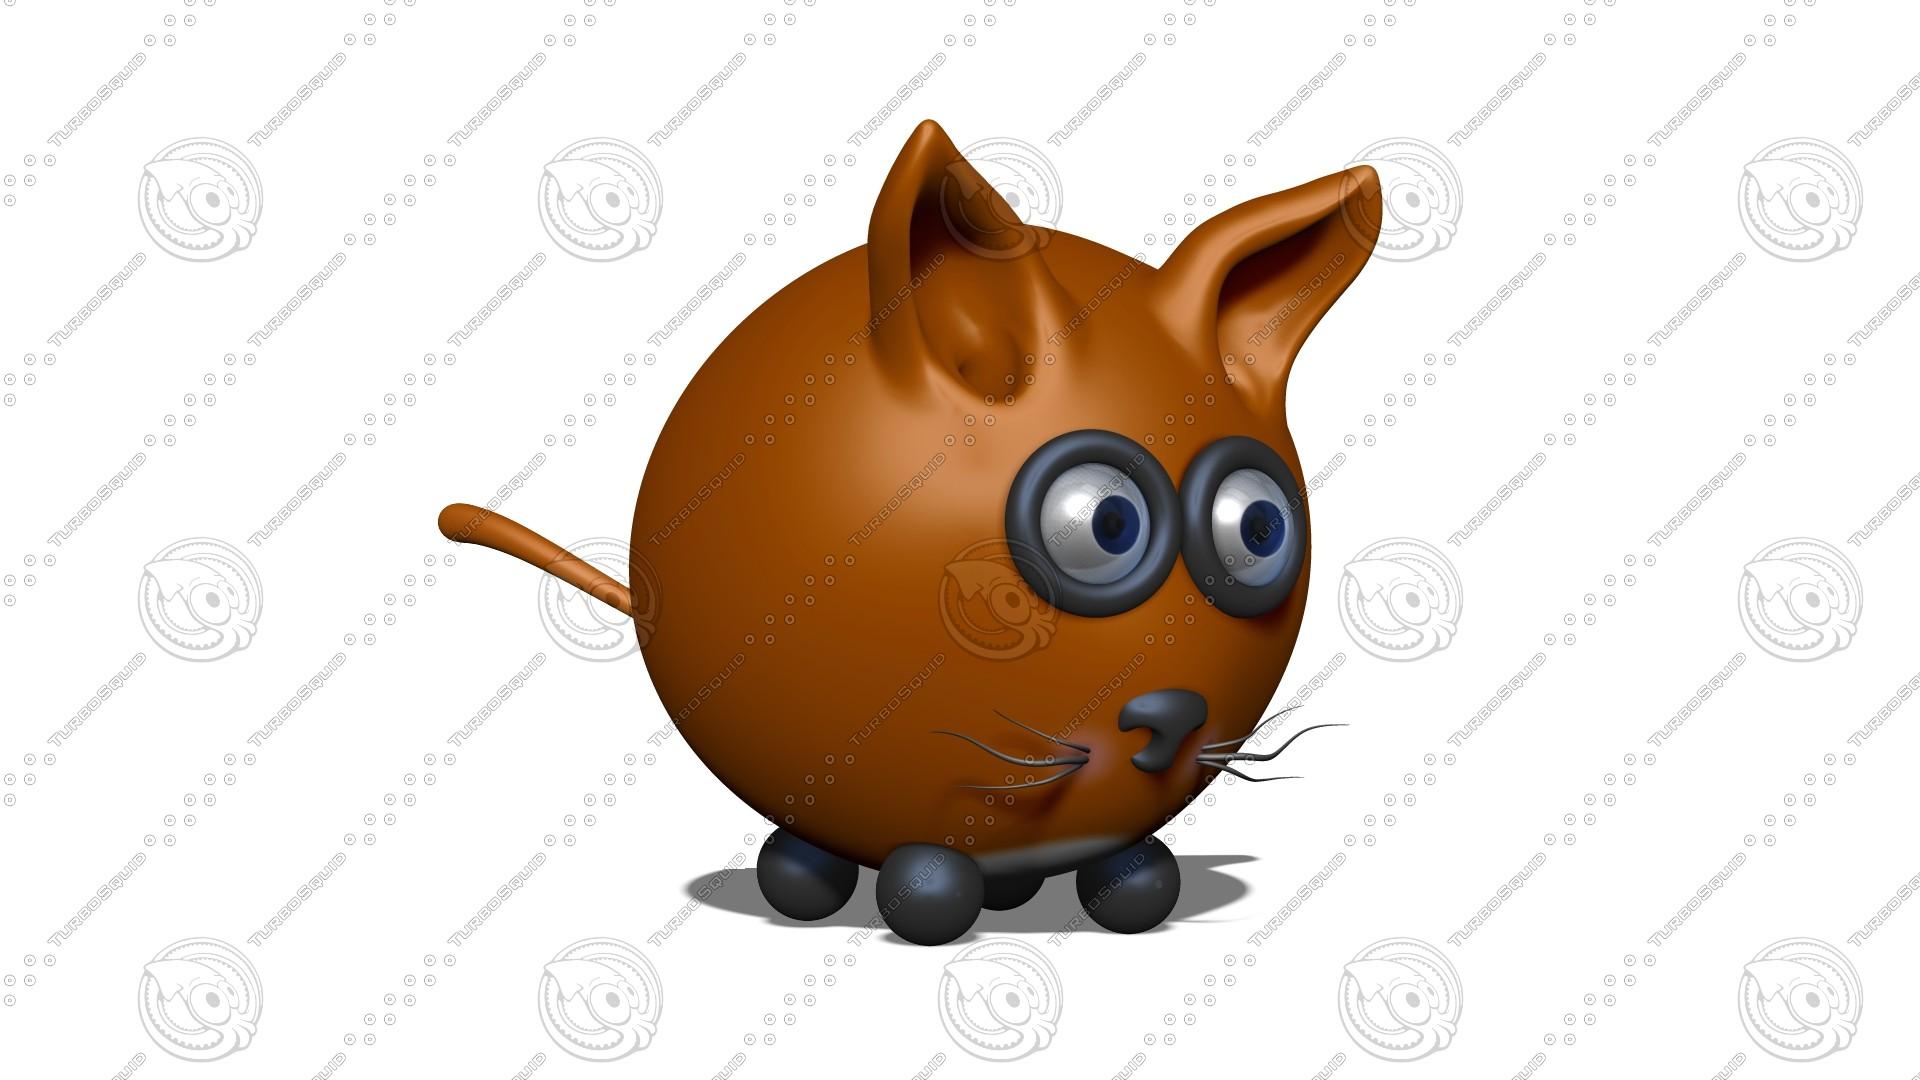 Cartoon cat 1.jpg